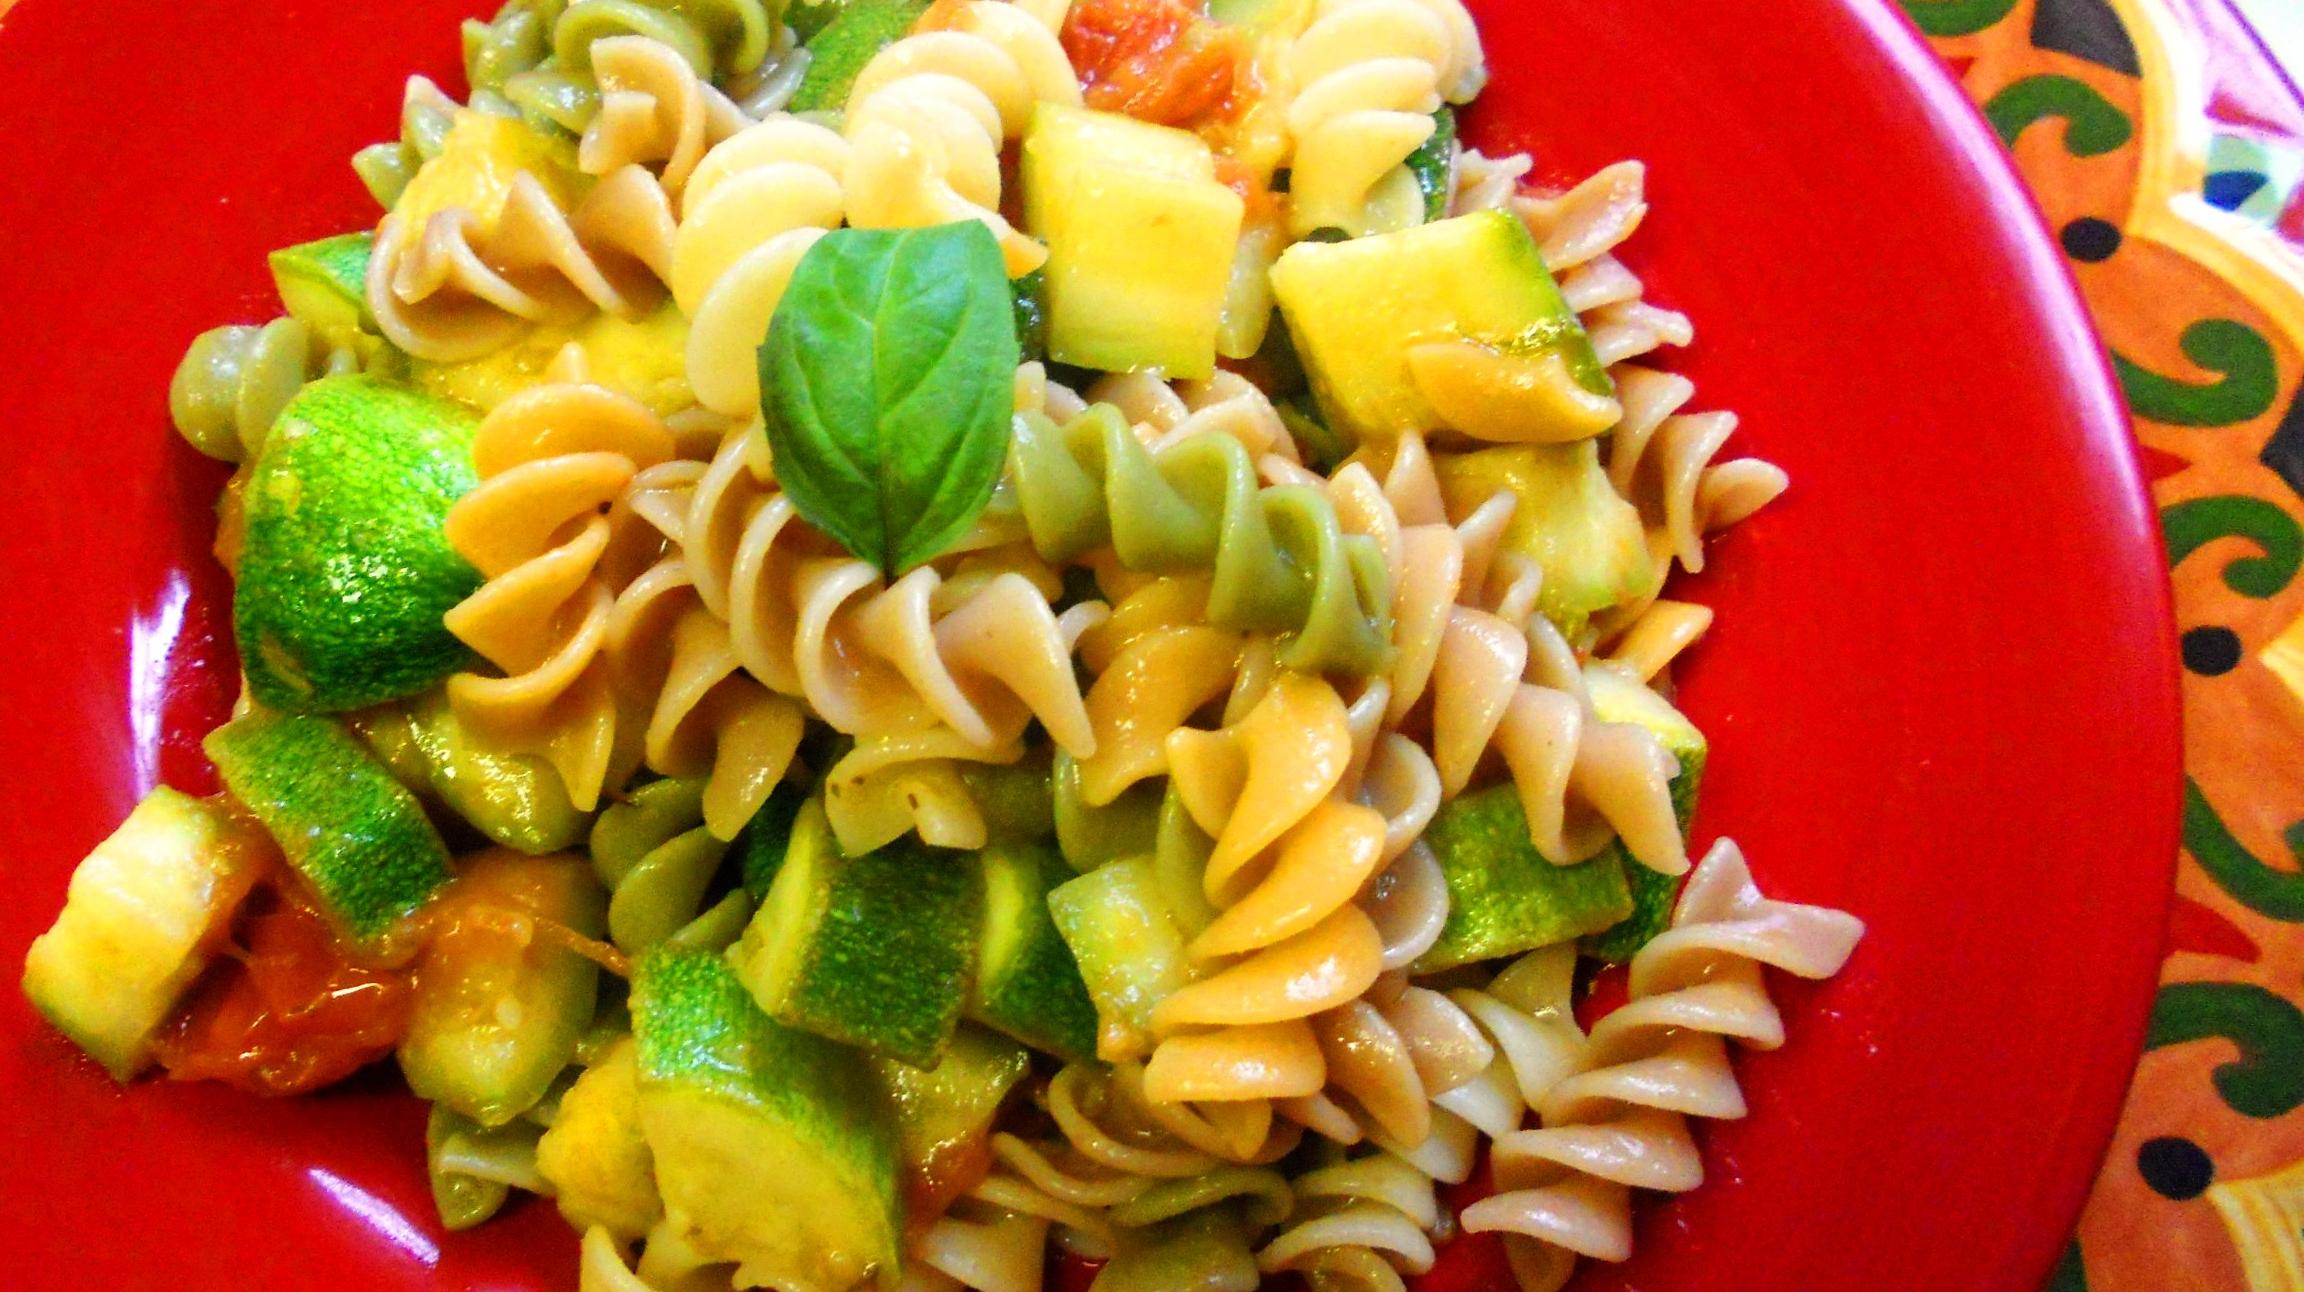 pasta cucina italiana cuoco italiano chef lavoro offerte di lavoro all'estero